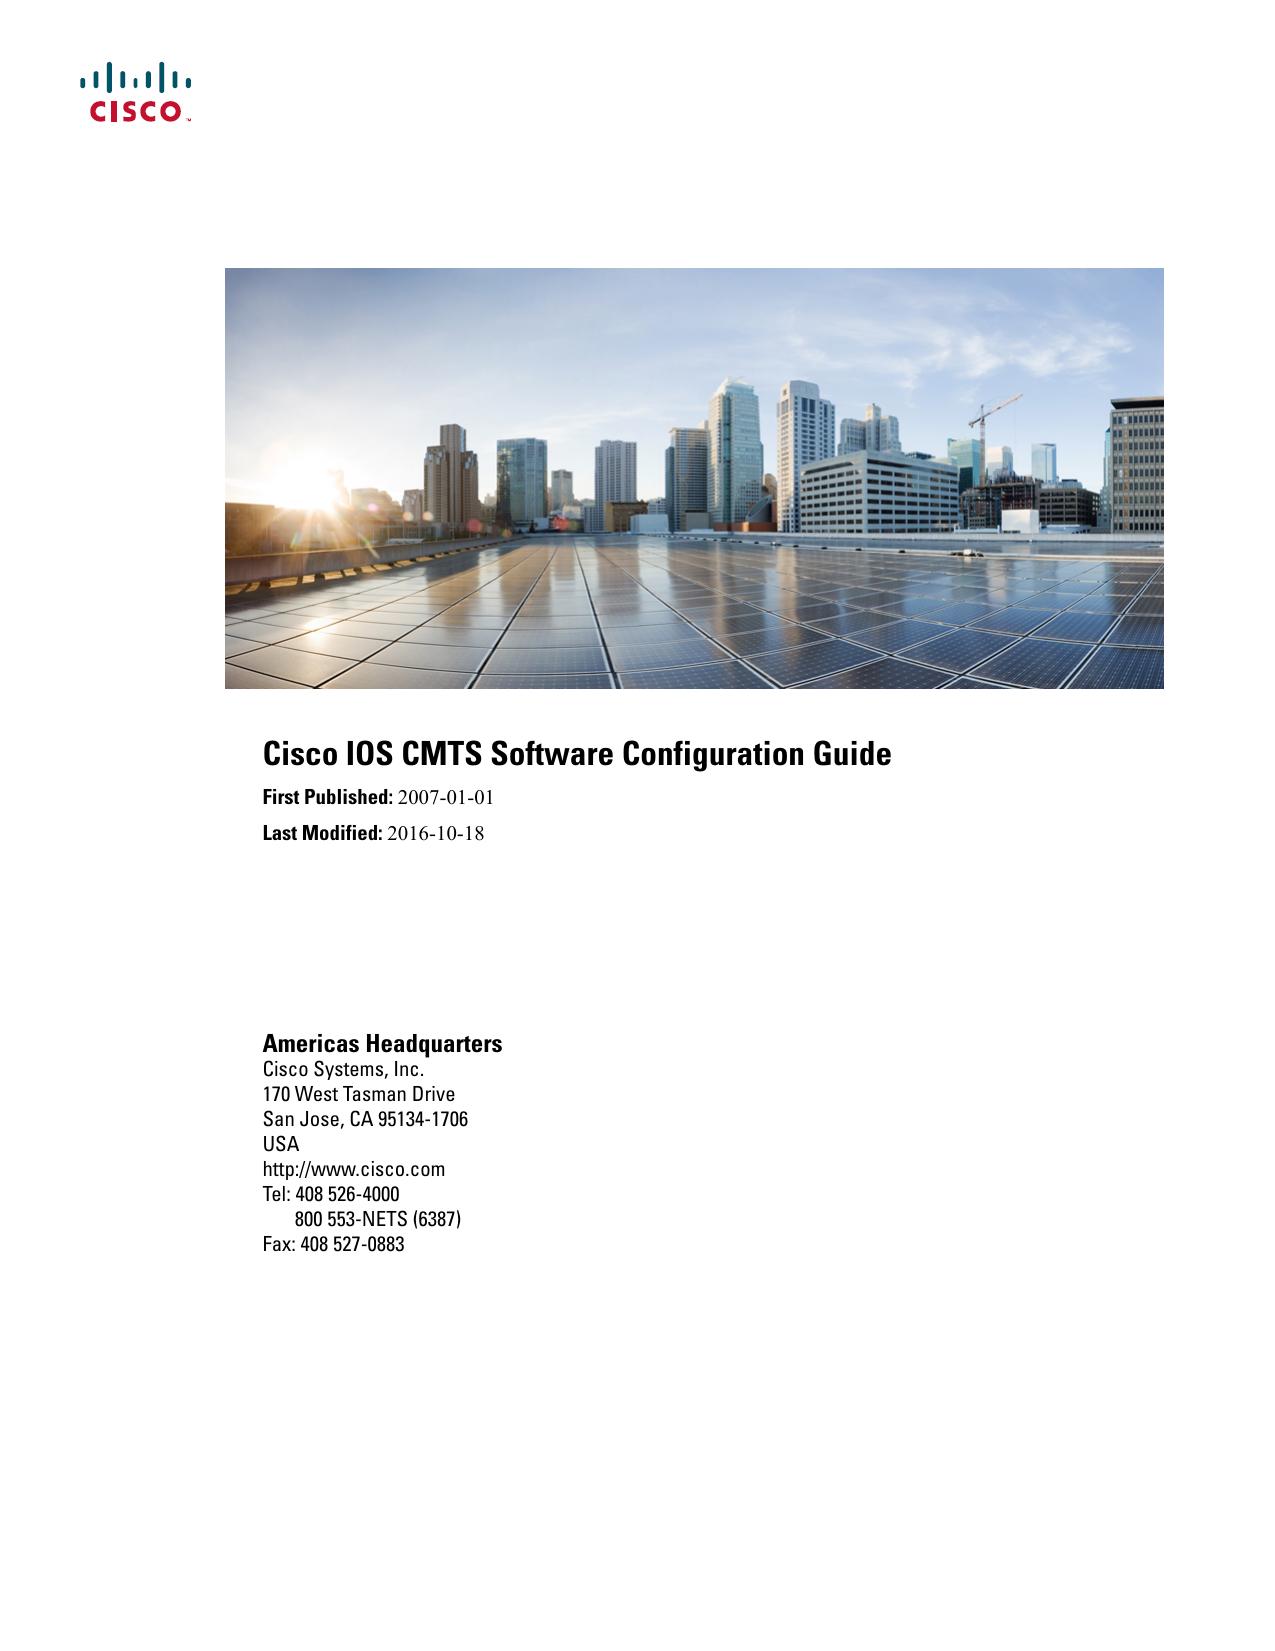 Cisco IOS CMTS Software Configuration Guide   manualzz com